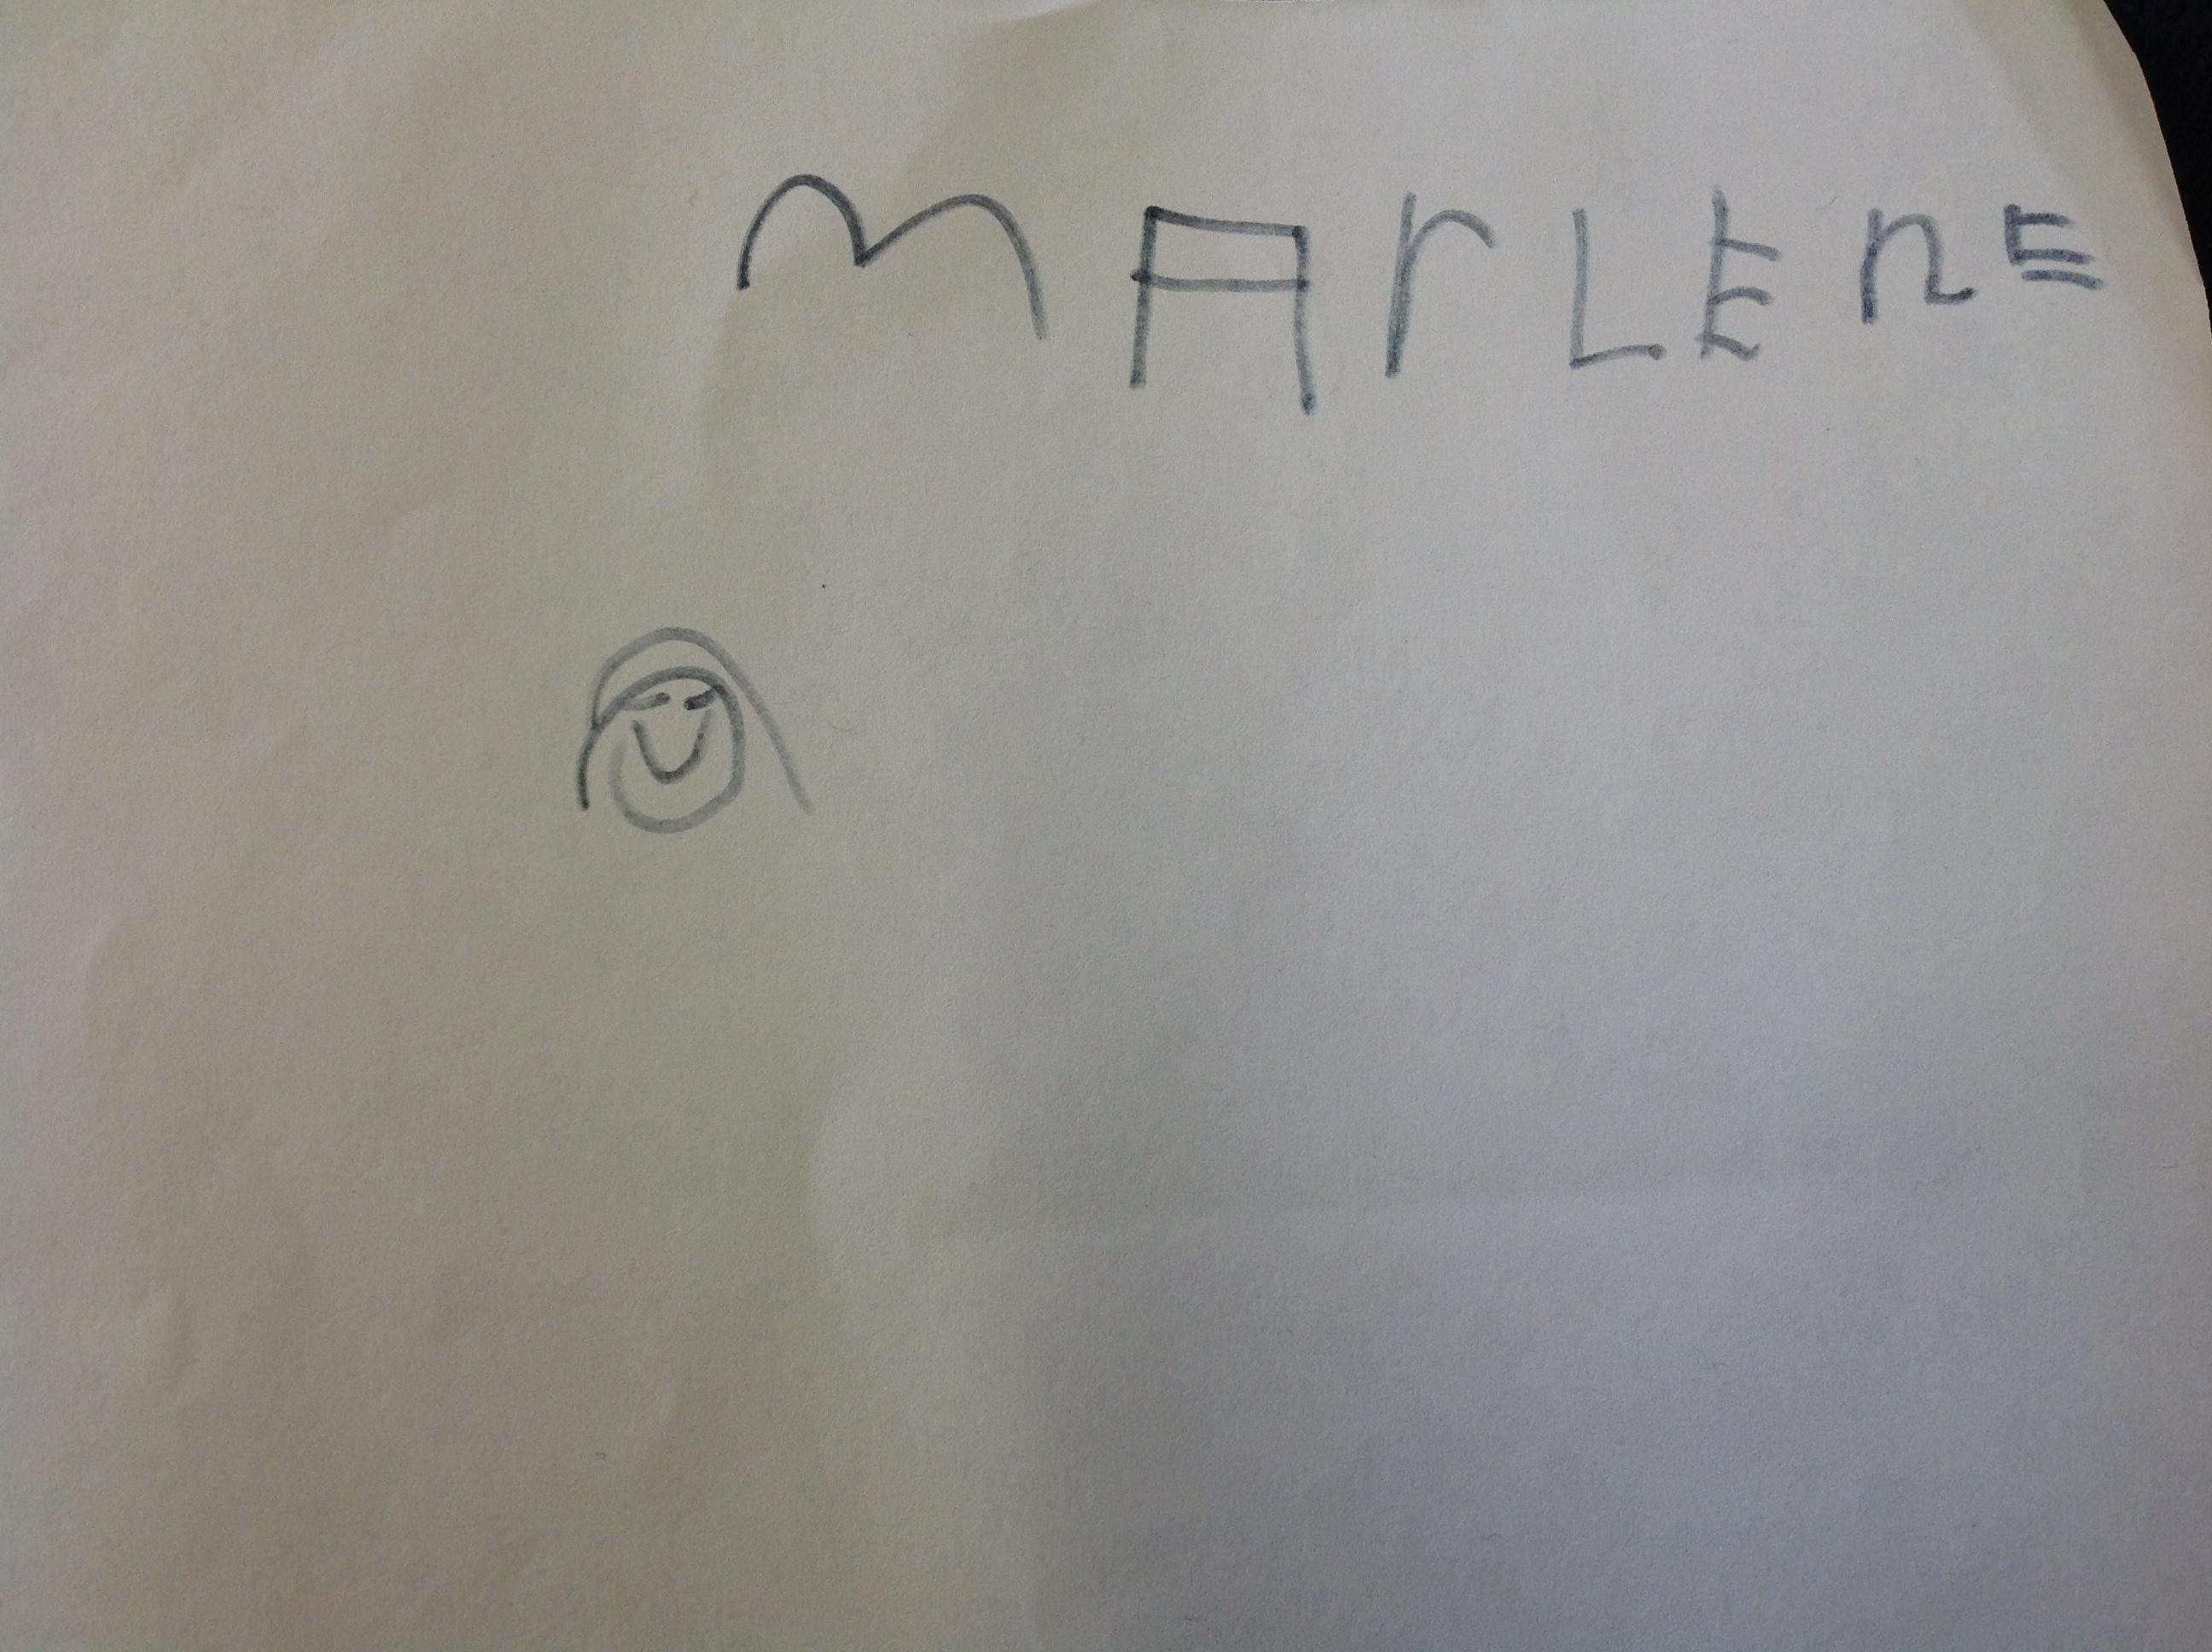 Marlene's wonderful name writing!